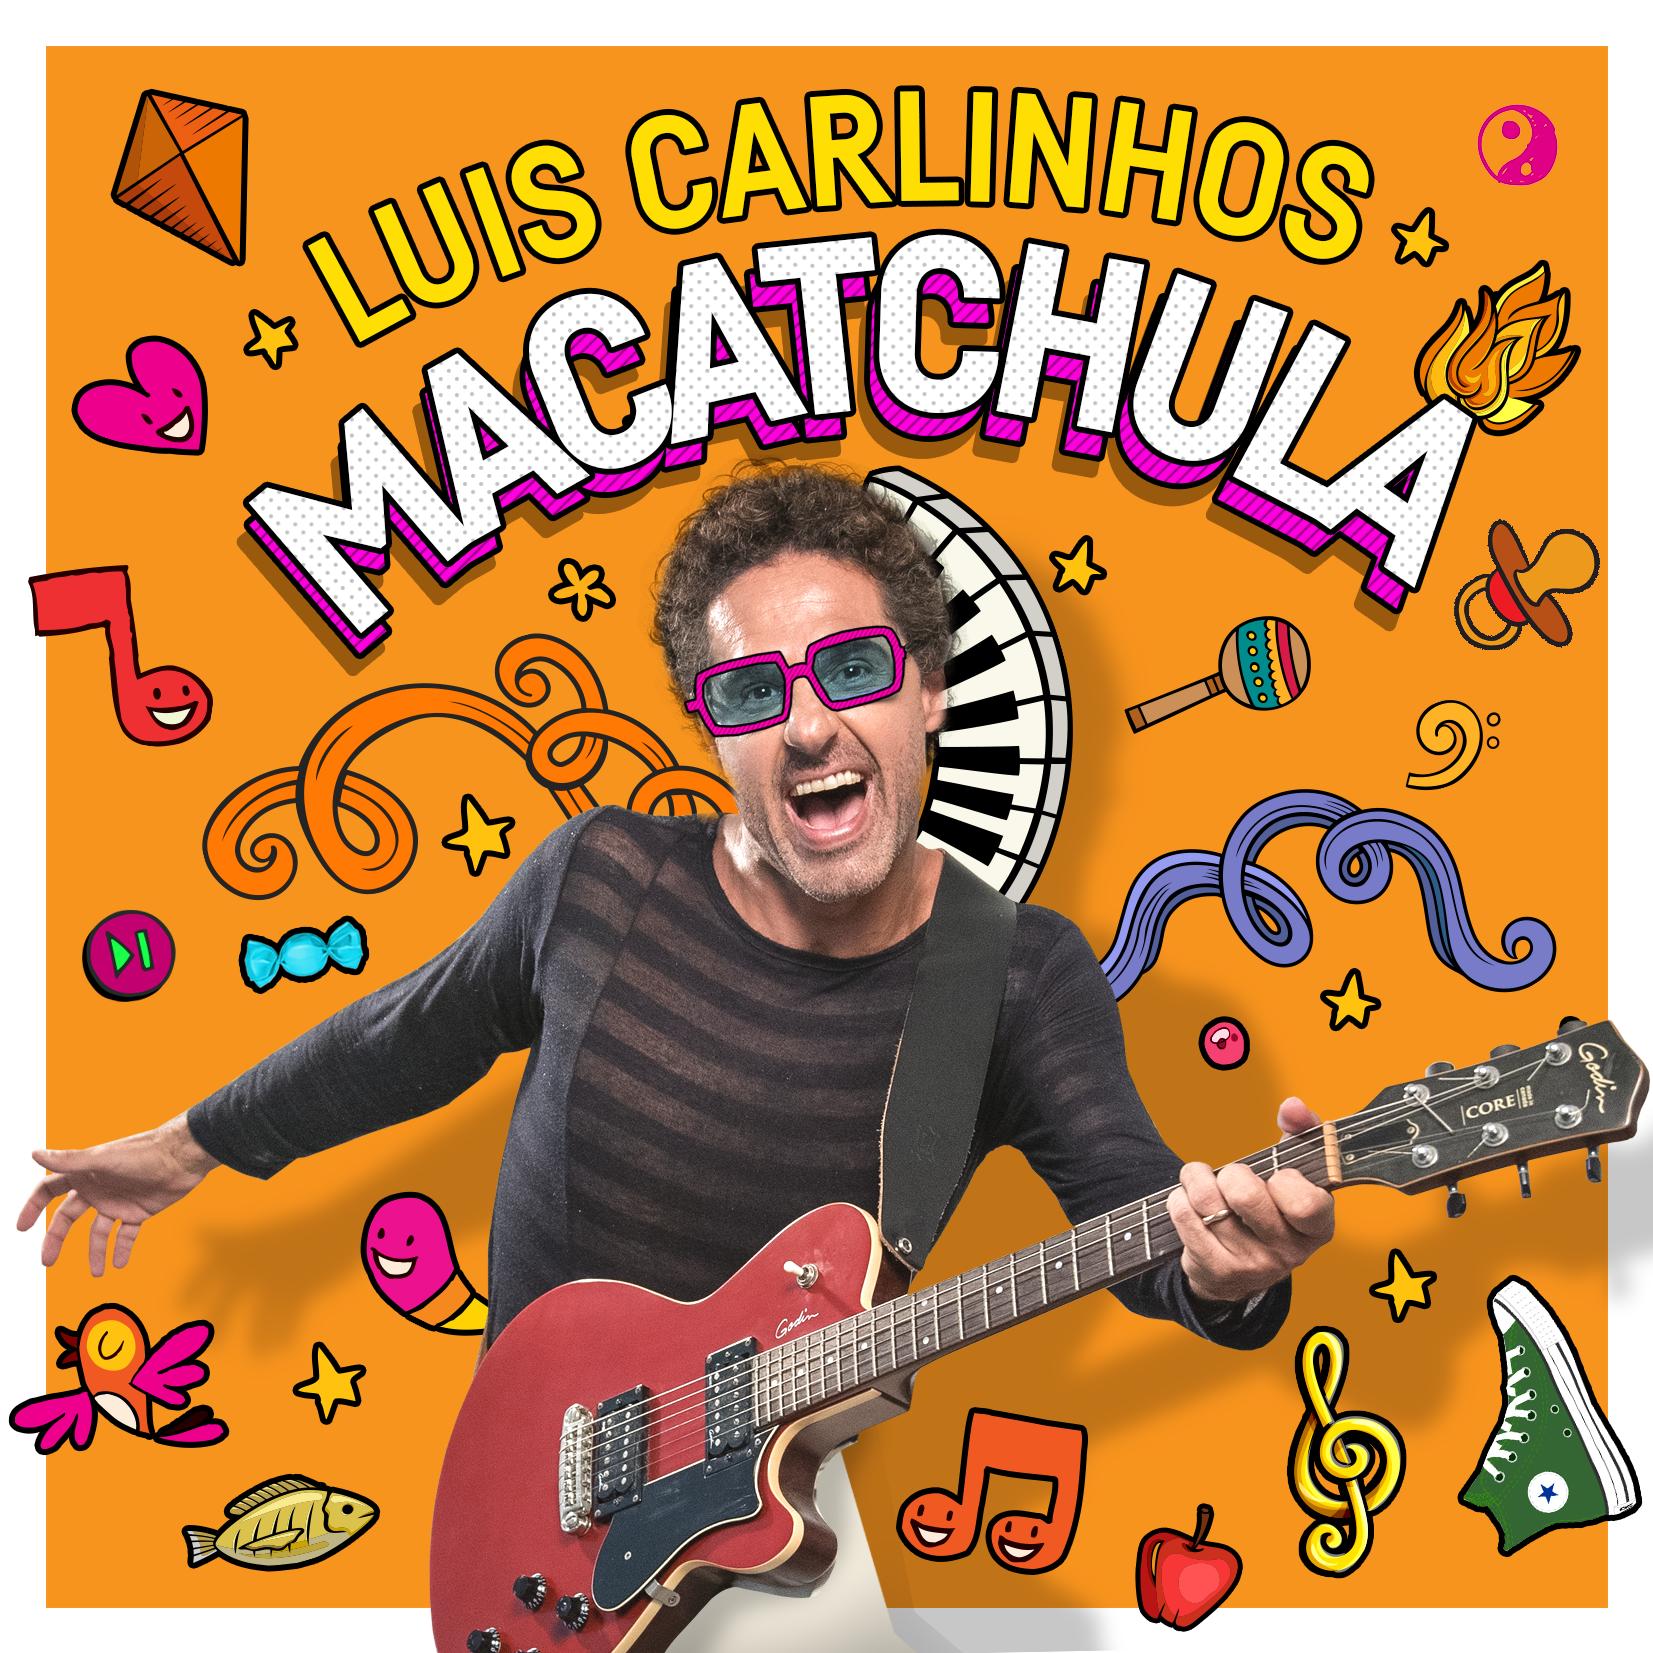 MACATCHULA3